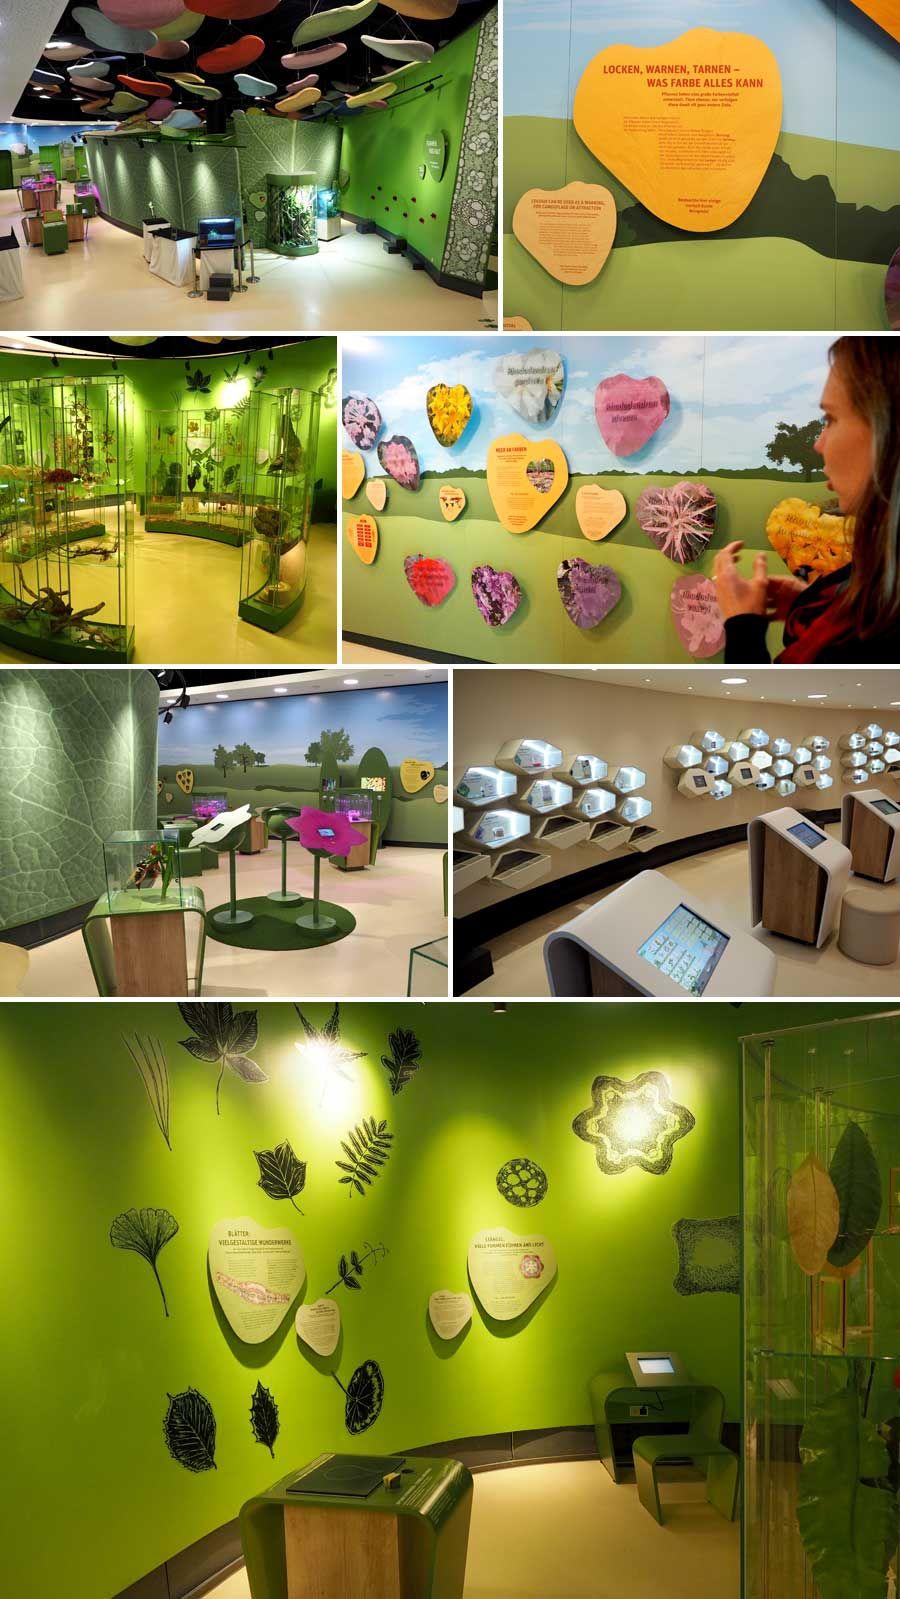 Die Vielfaltigkeit Der Pflanzenwelt Spiegelt Sich Auch In Der Gestaltung Der Ausstellung Wider Pflanzenwelt Pflanzen Tourismus